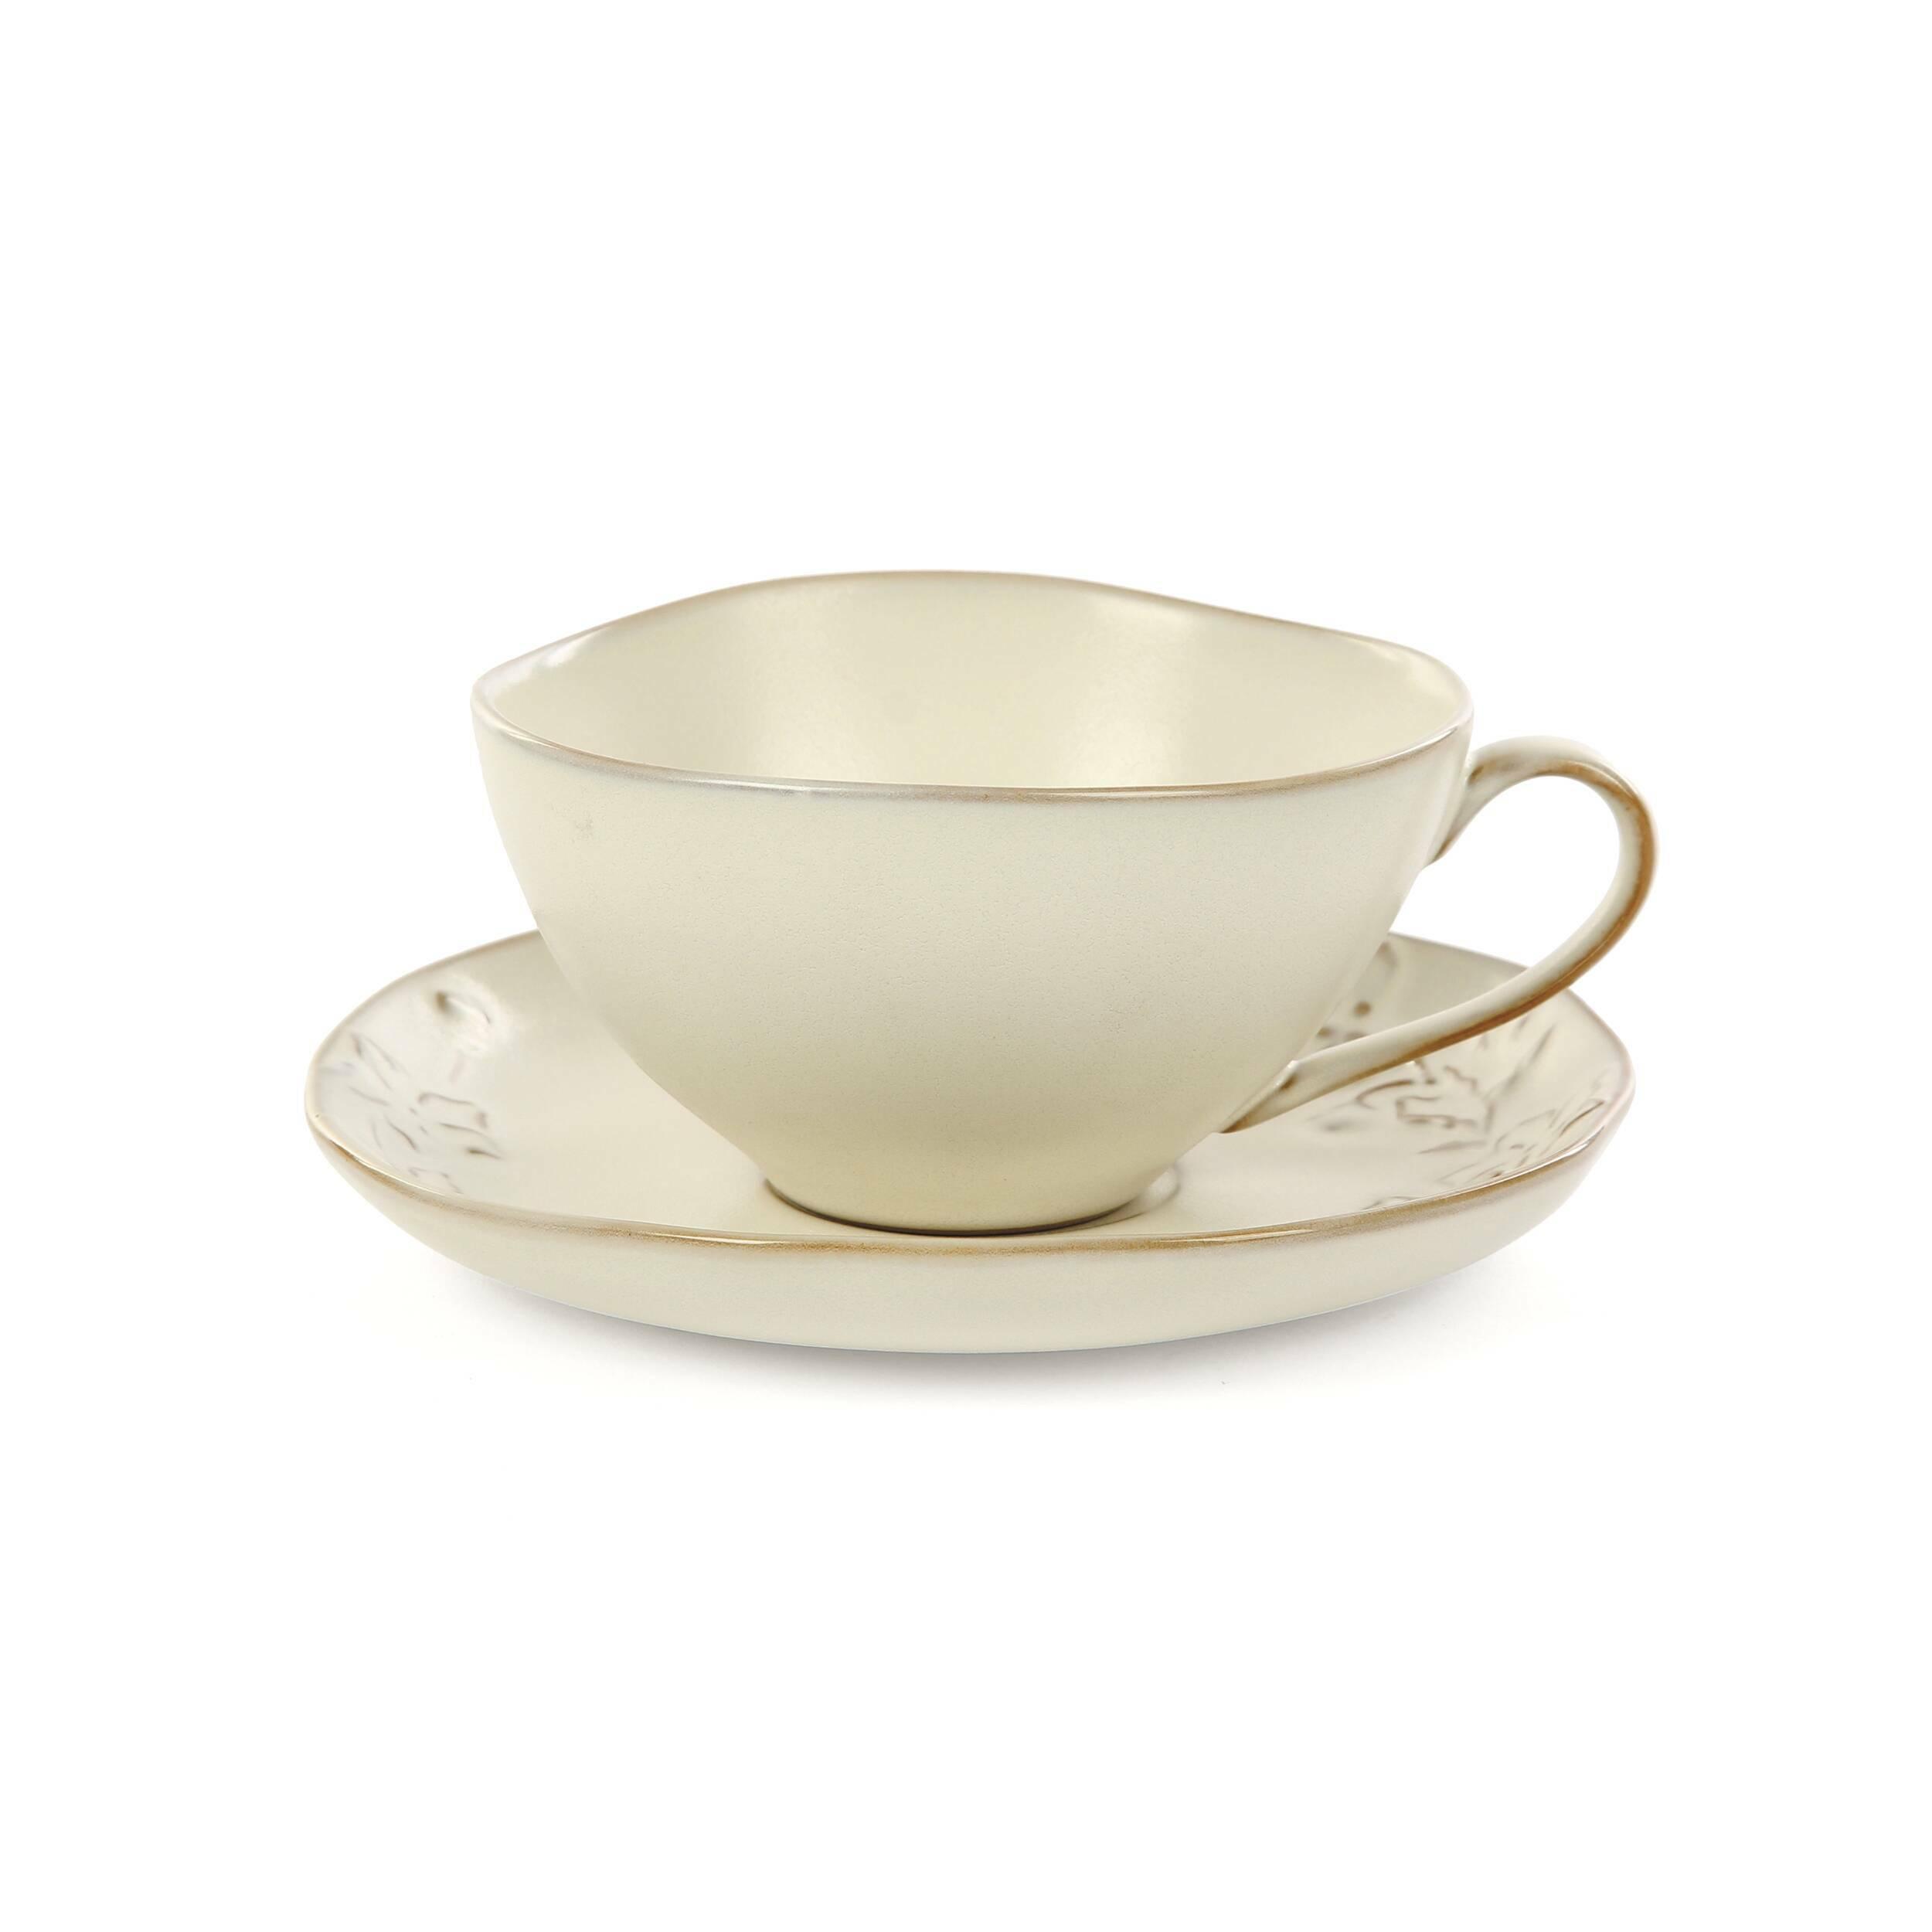 Купить Чашка с блюдцем Emperor's Bird, Cosmo, Кремовый, Глина